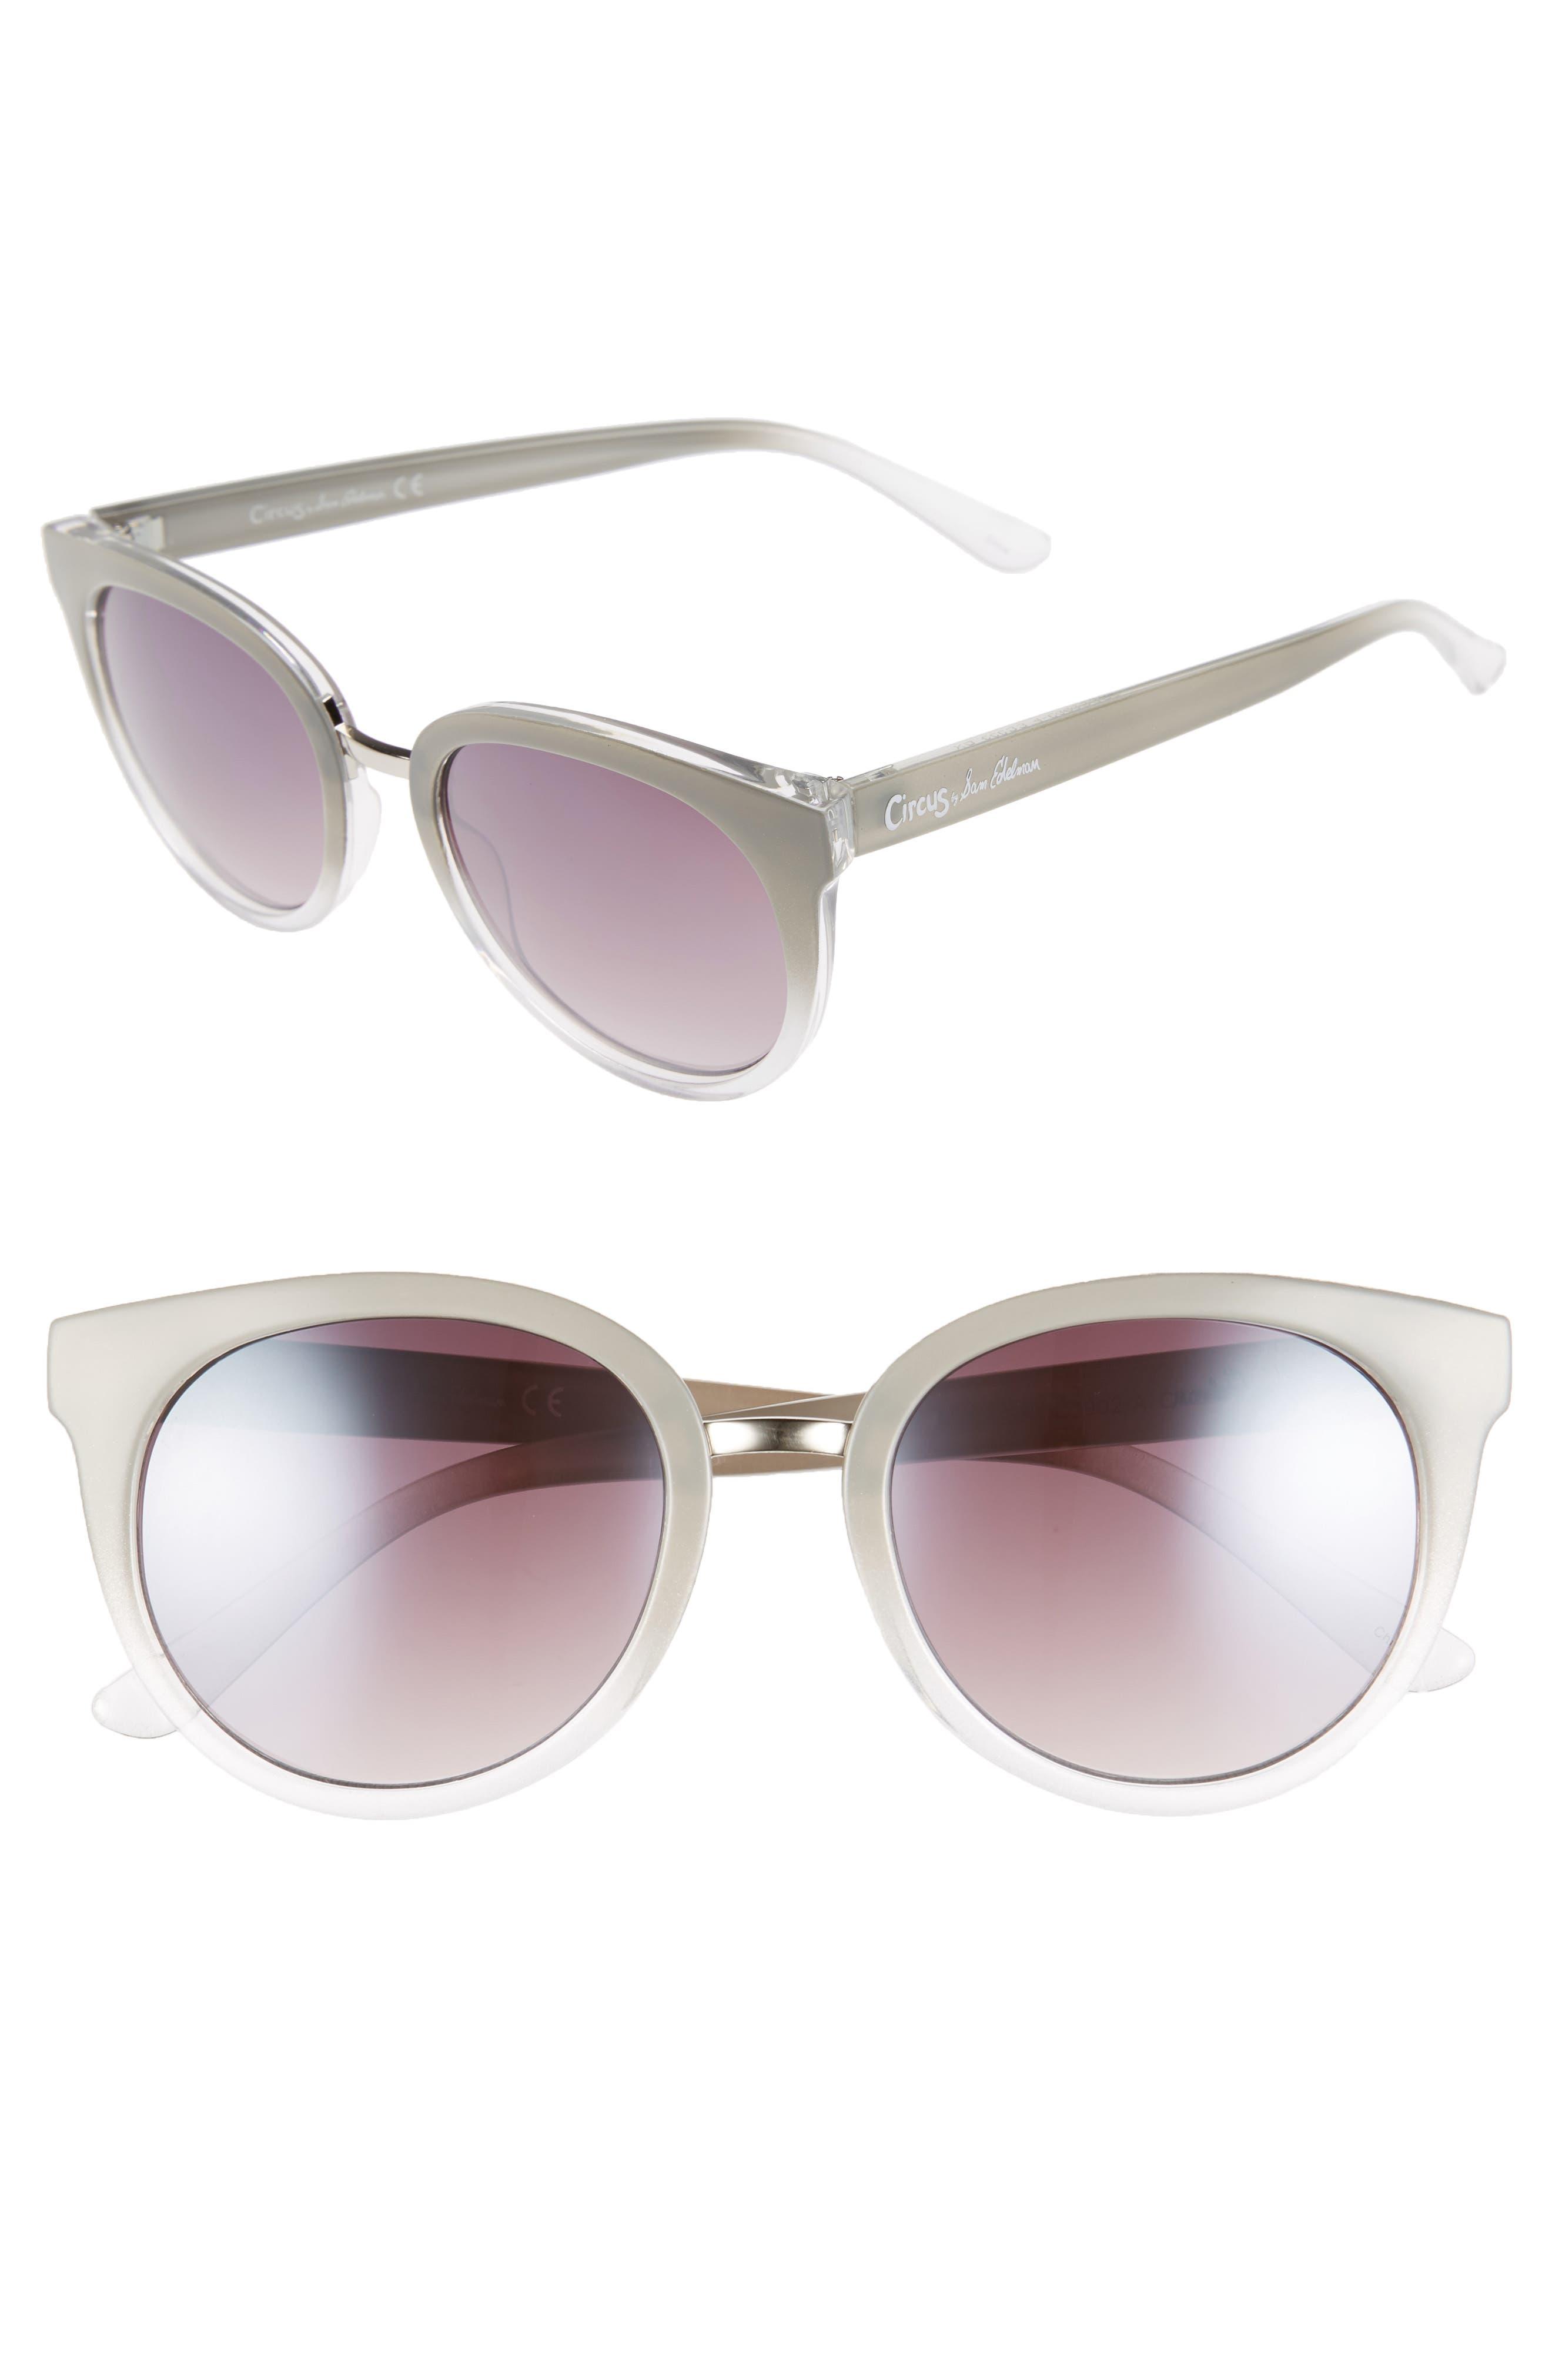 51mm Ombré Sunglasses,                             Main thumbnail 1, color,                             020